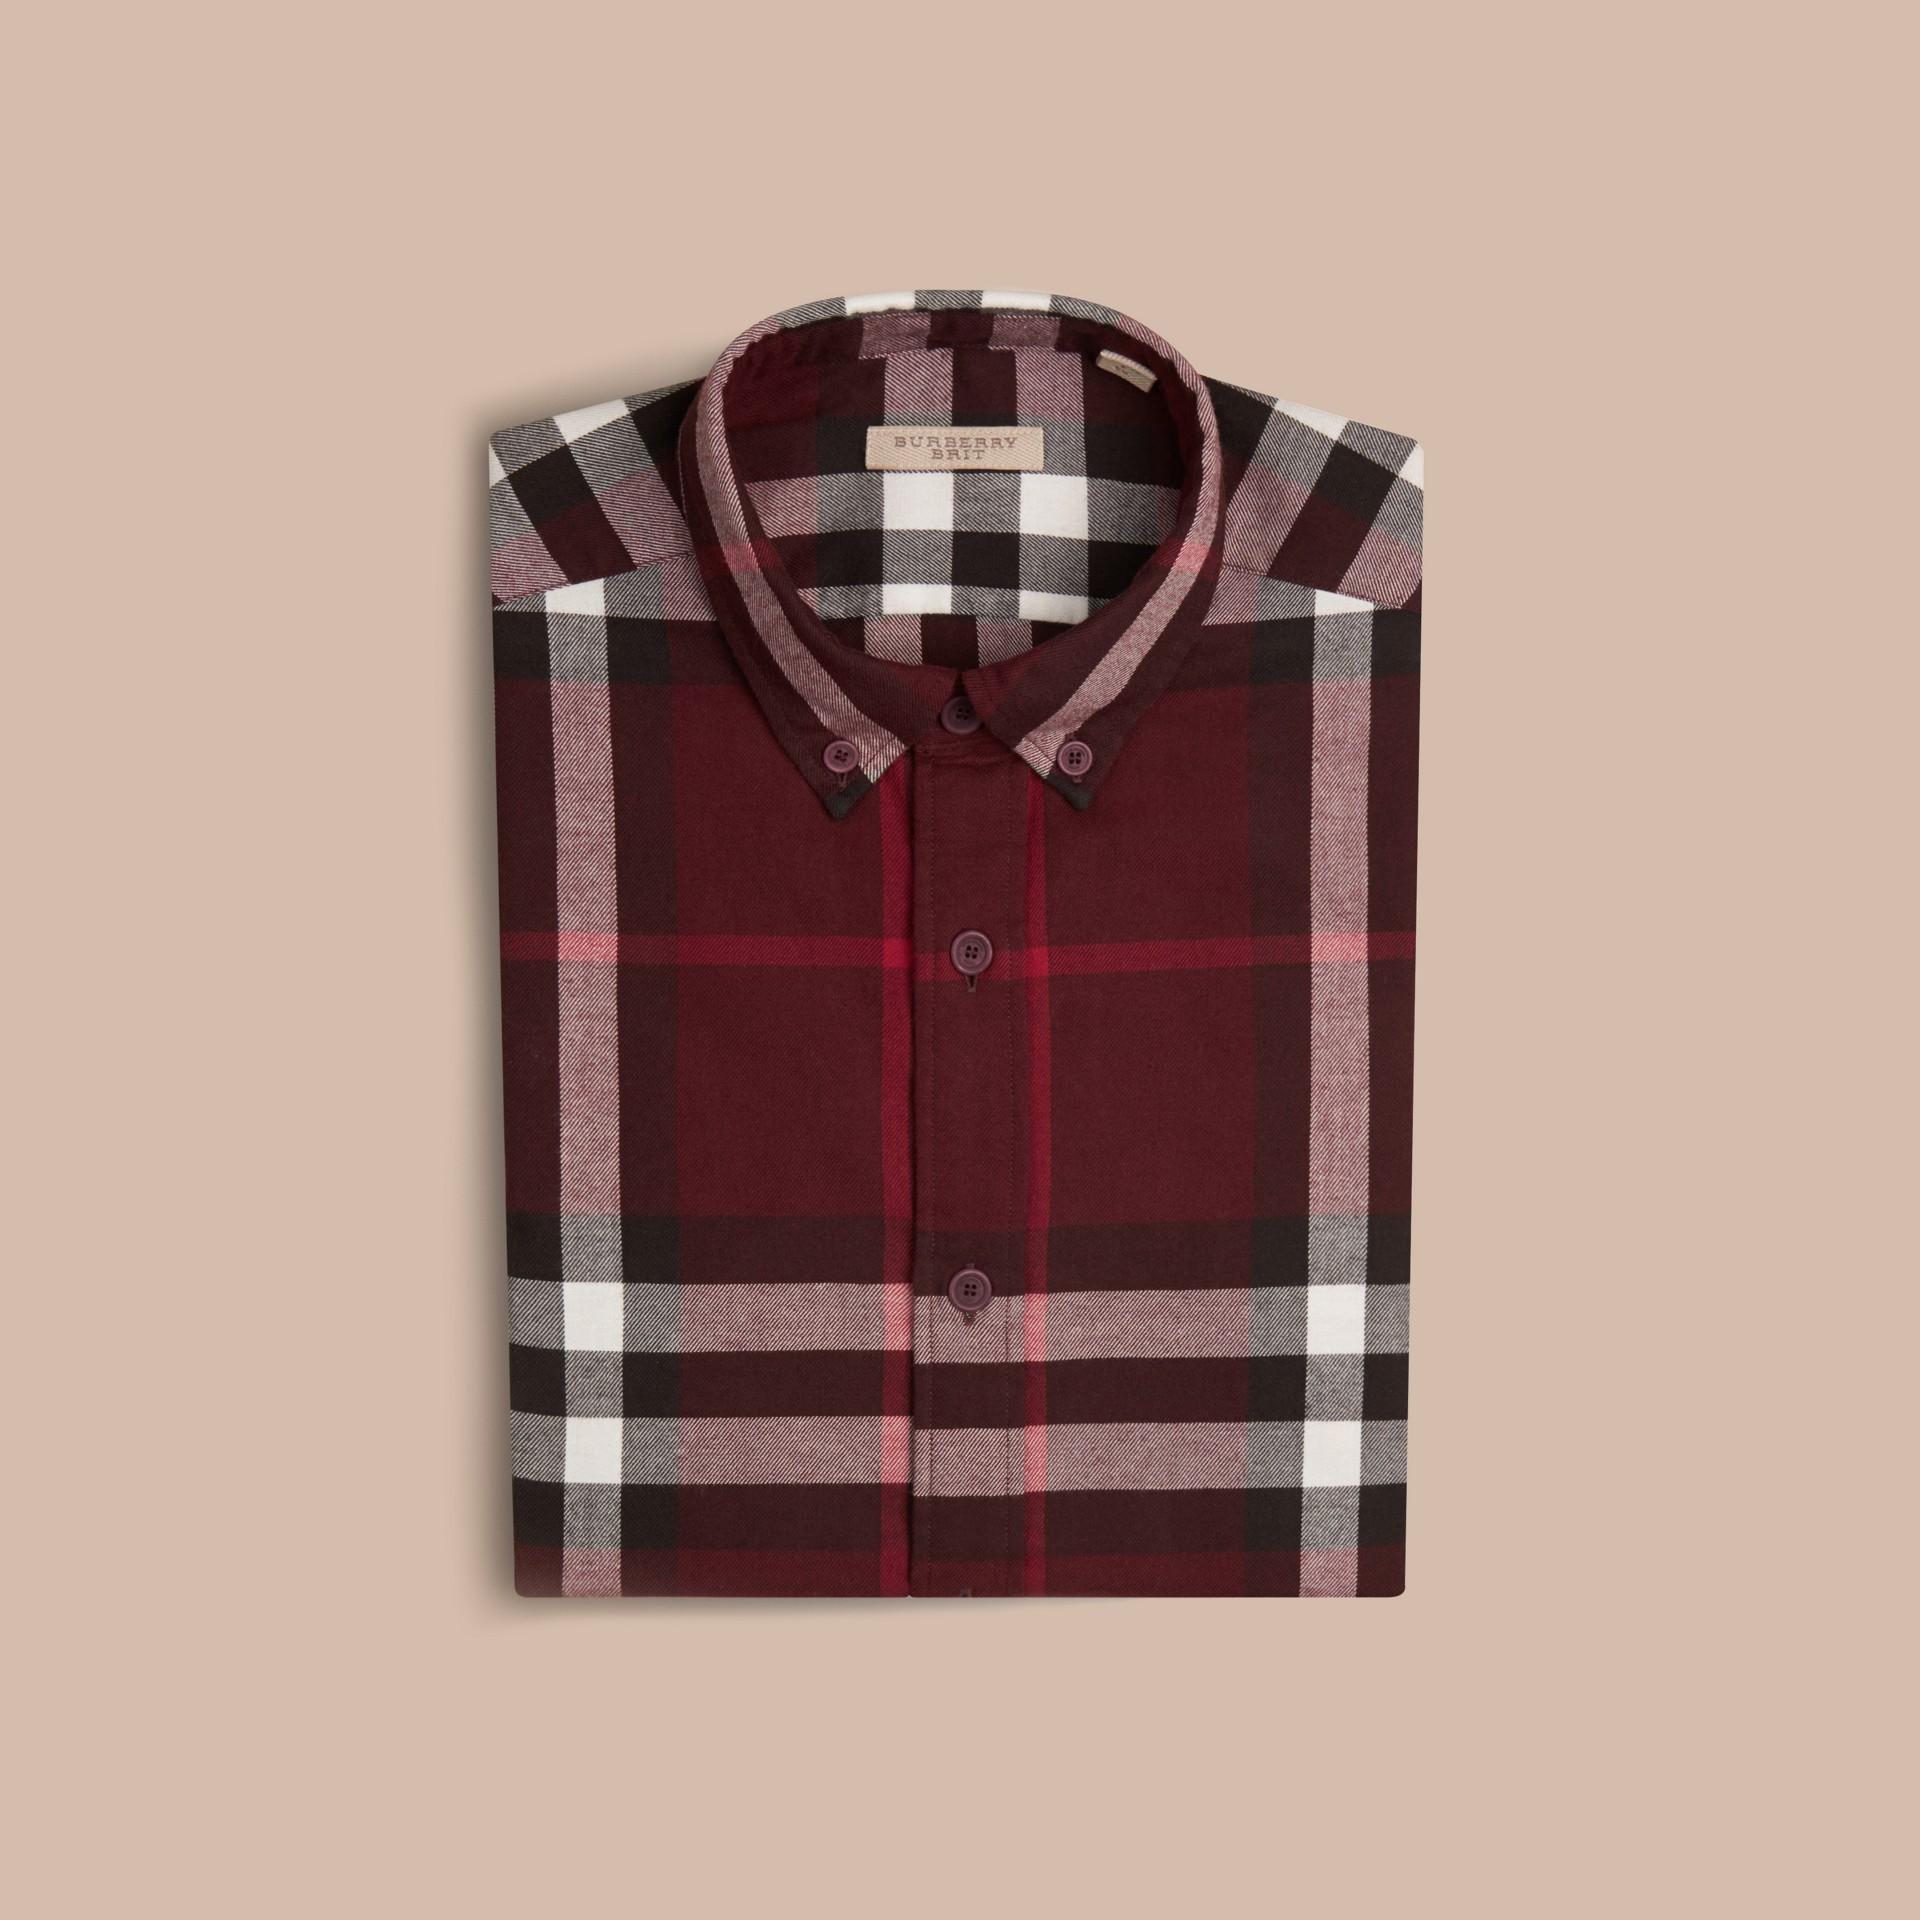 Weinrot Hemd aus Baumwollflanell mit Check-Muster Weinrot - Galerie-Bild 4